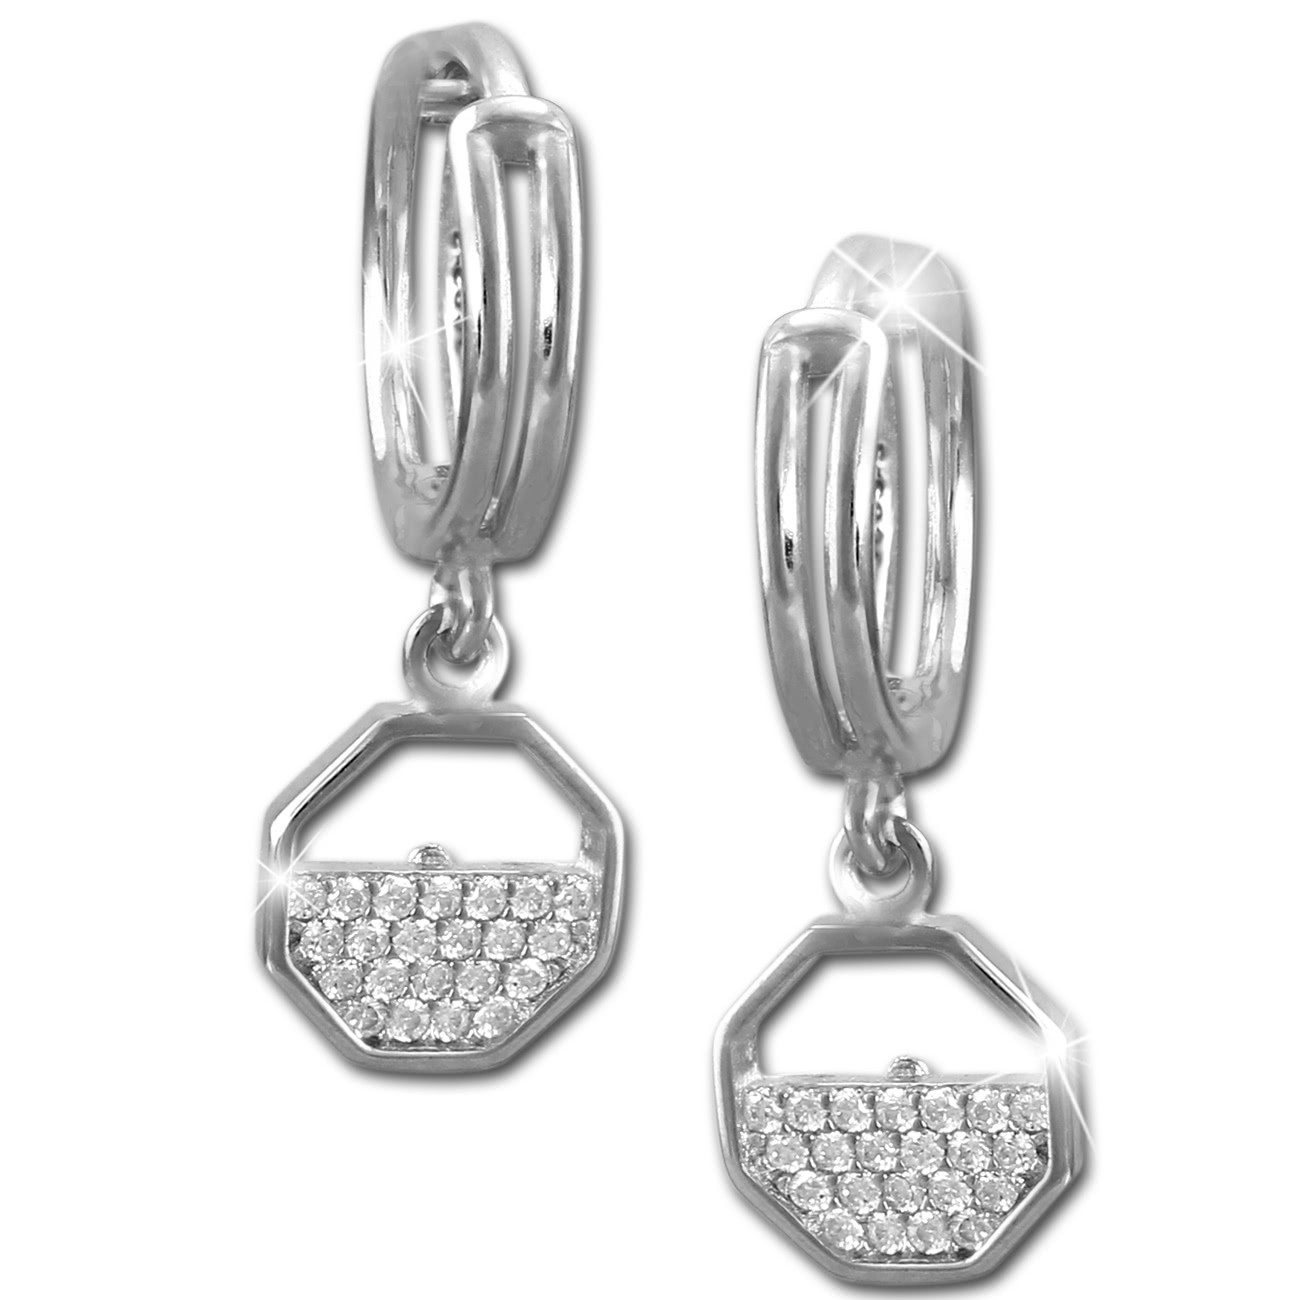 SilberDream Glitzer Creole Oktagon weiß 925er Silber Ohrring GSO481W